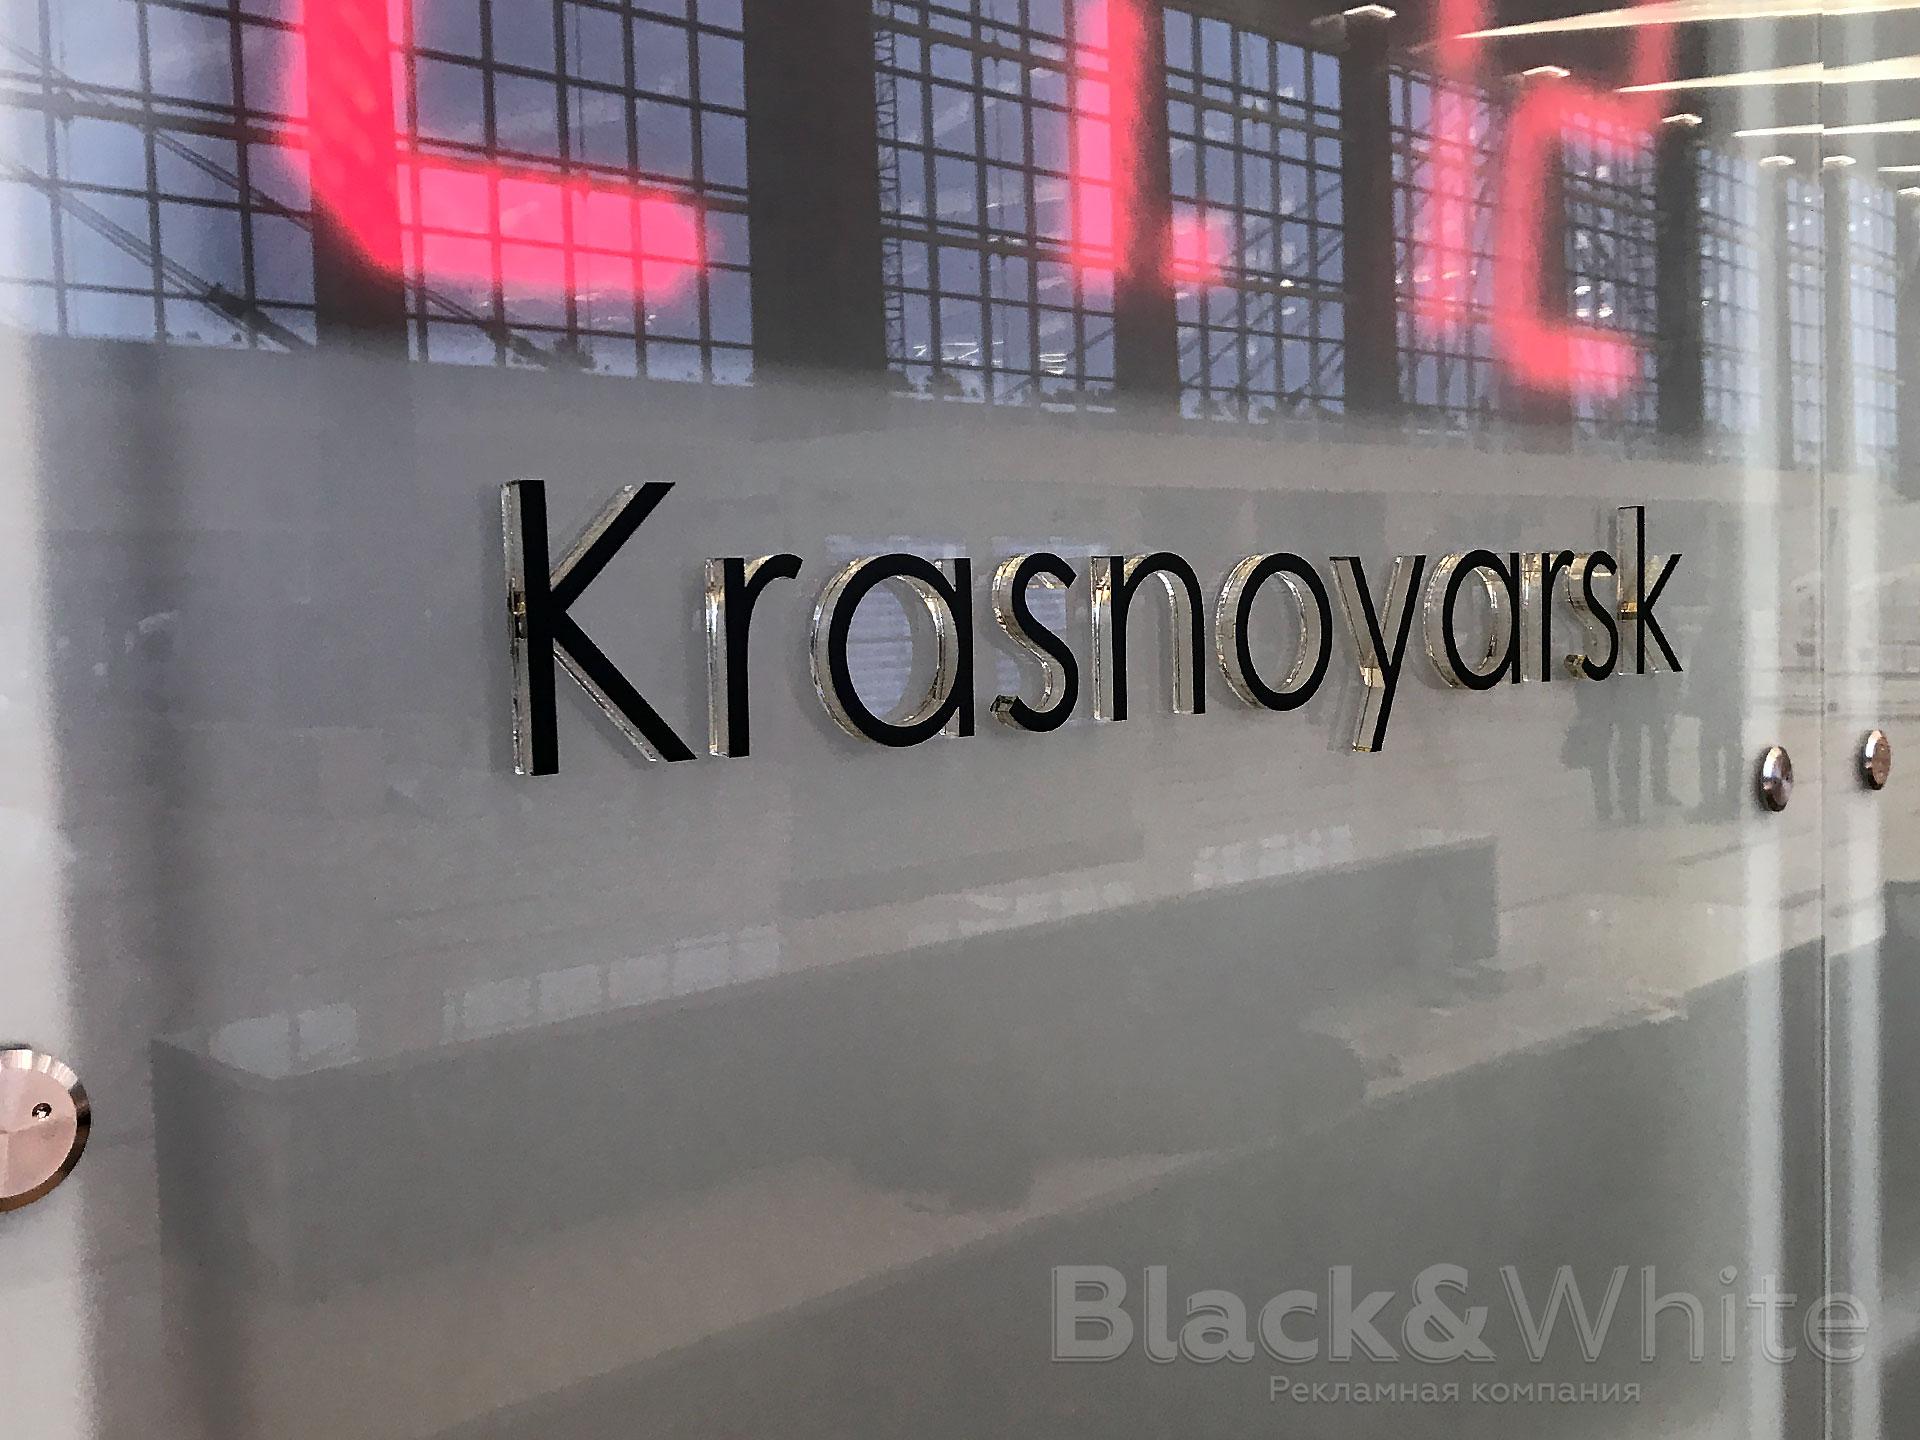 Плоские-(псевдообъемные)-буквы-из-оргстекла-акрила-bukvyi-ploskie-psevdoobemnyie-bukvyi-iz-orgstekla-аэропорт-емельяново-красноярск.jpg